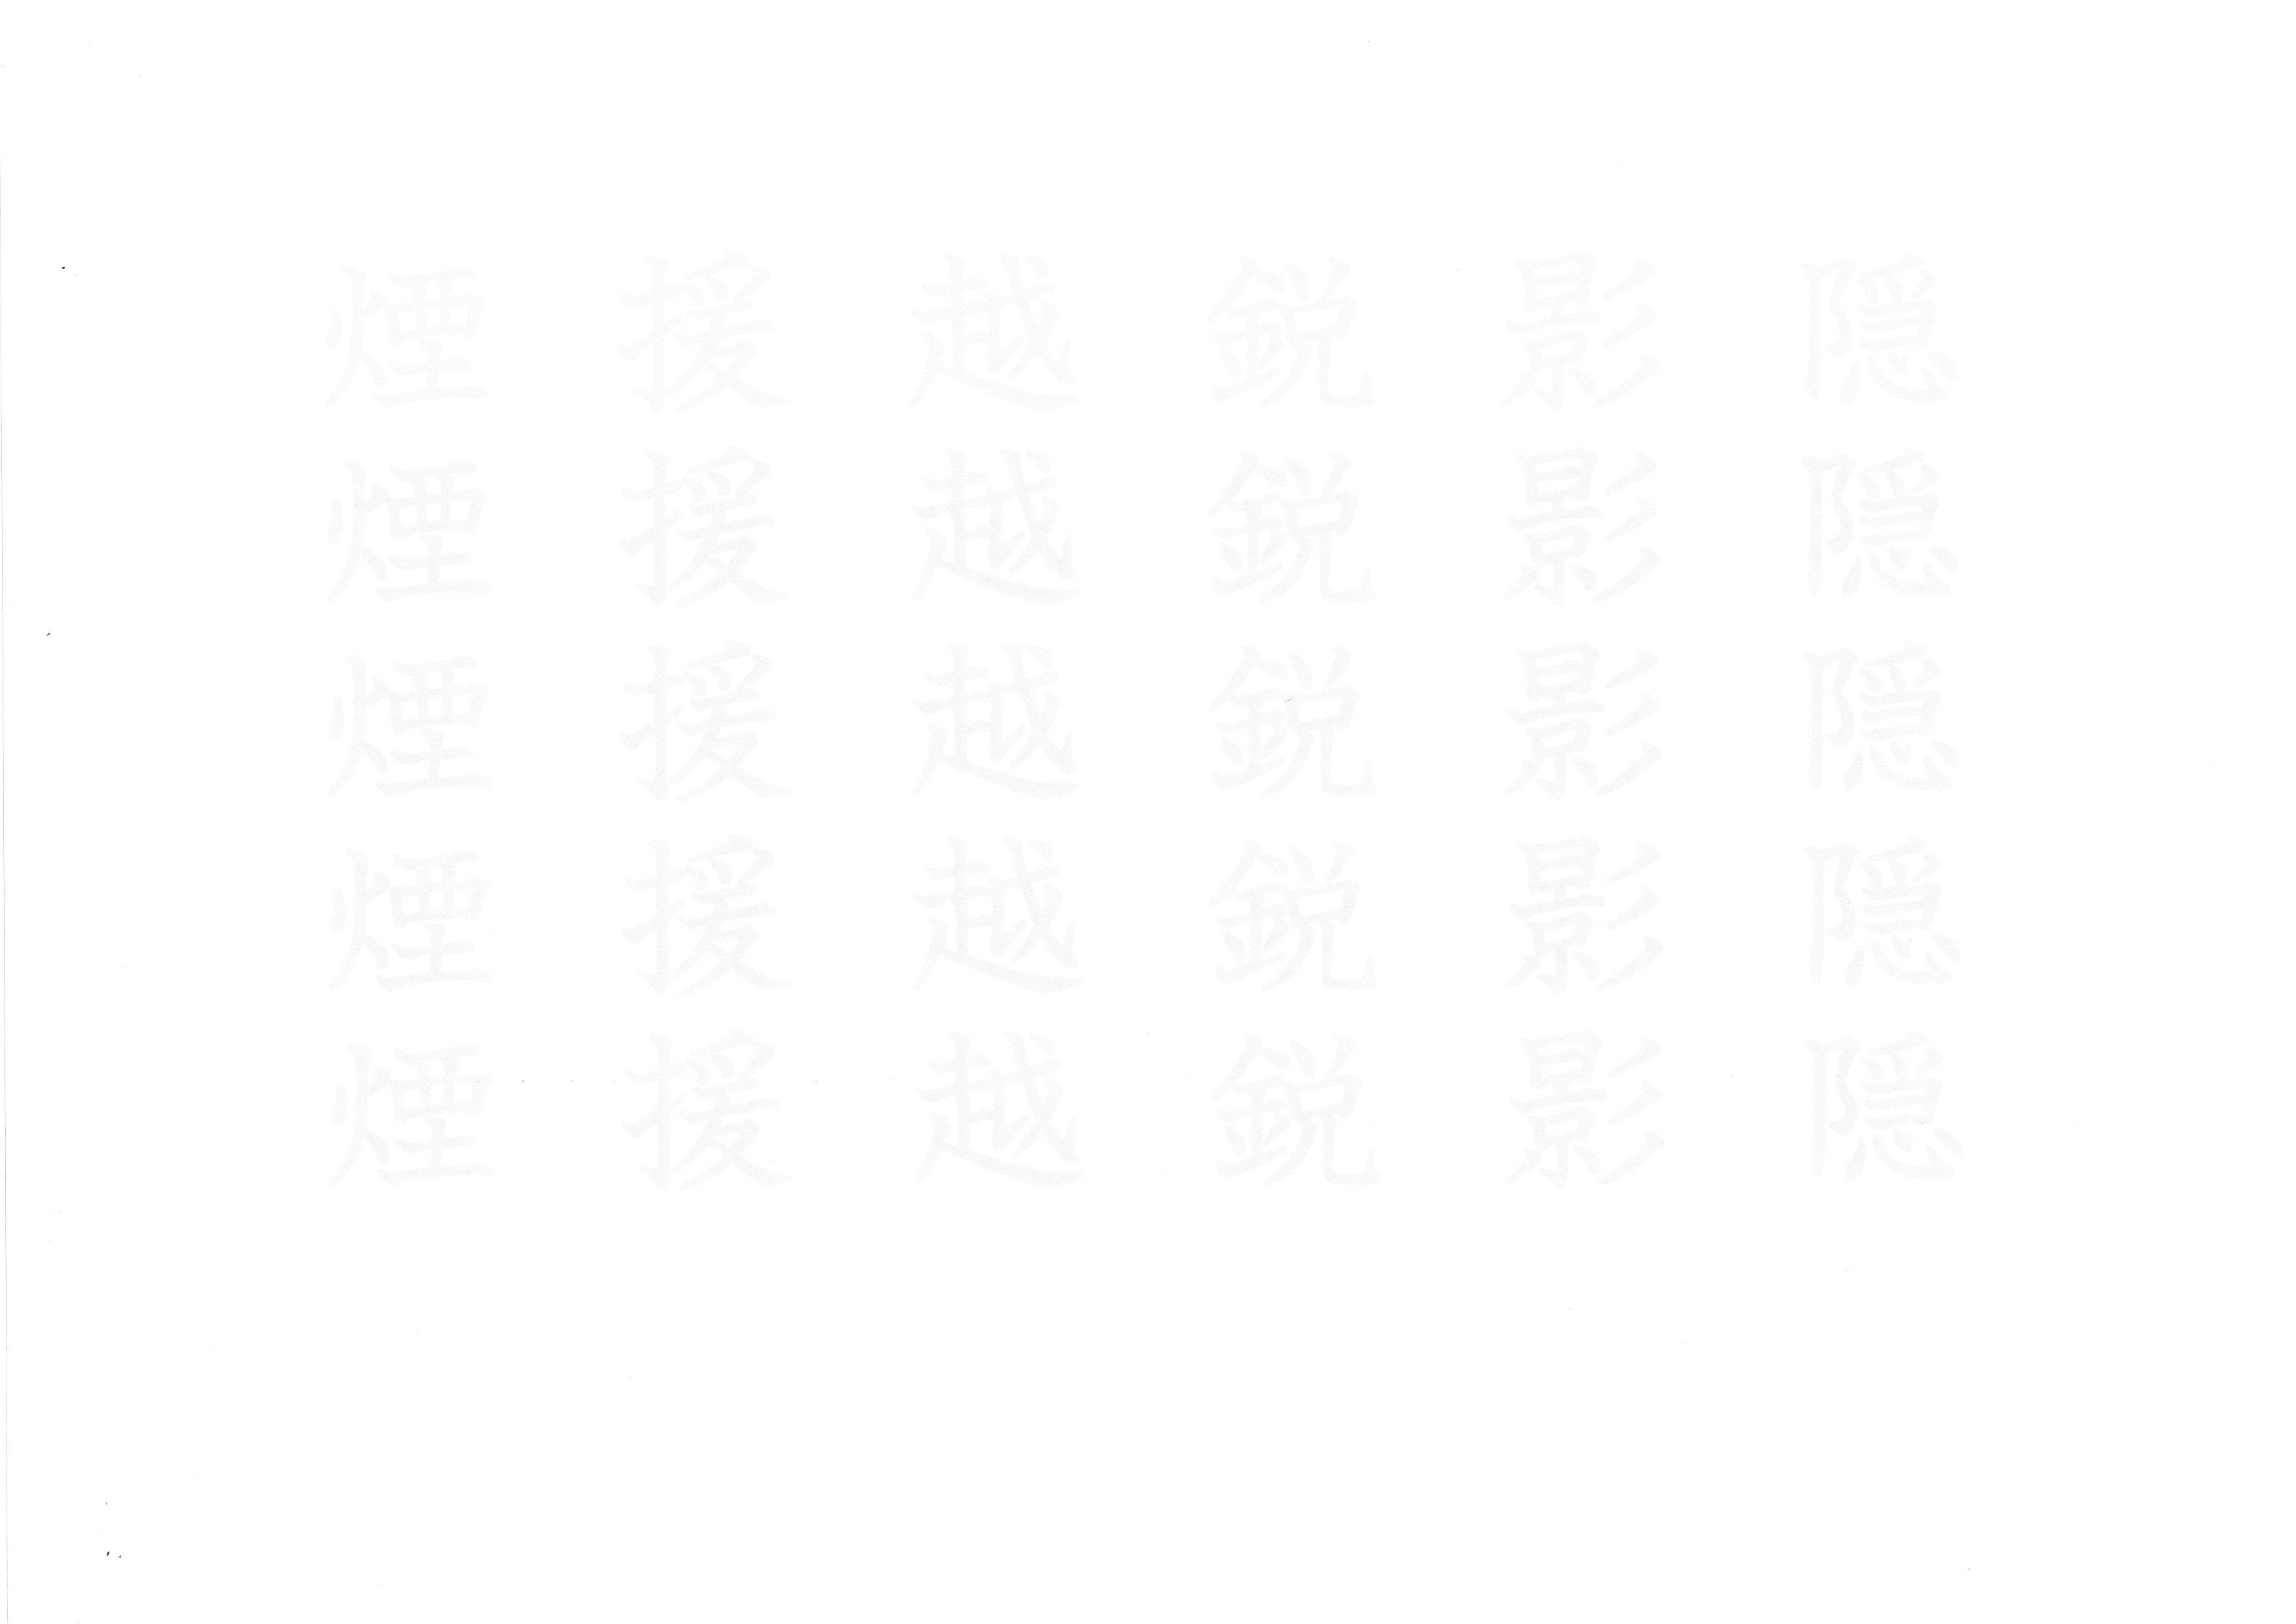 b0291016_11521931.jpg